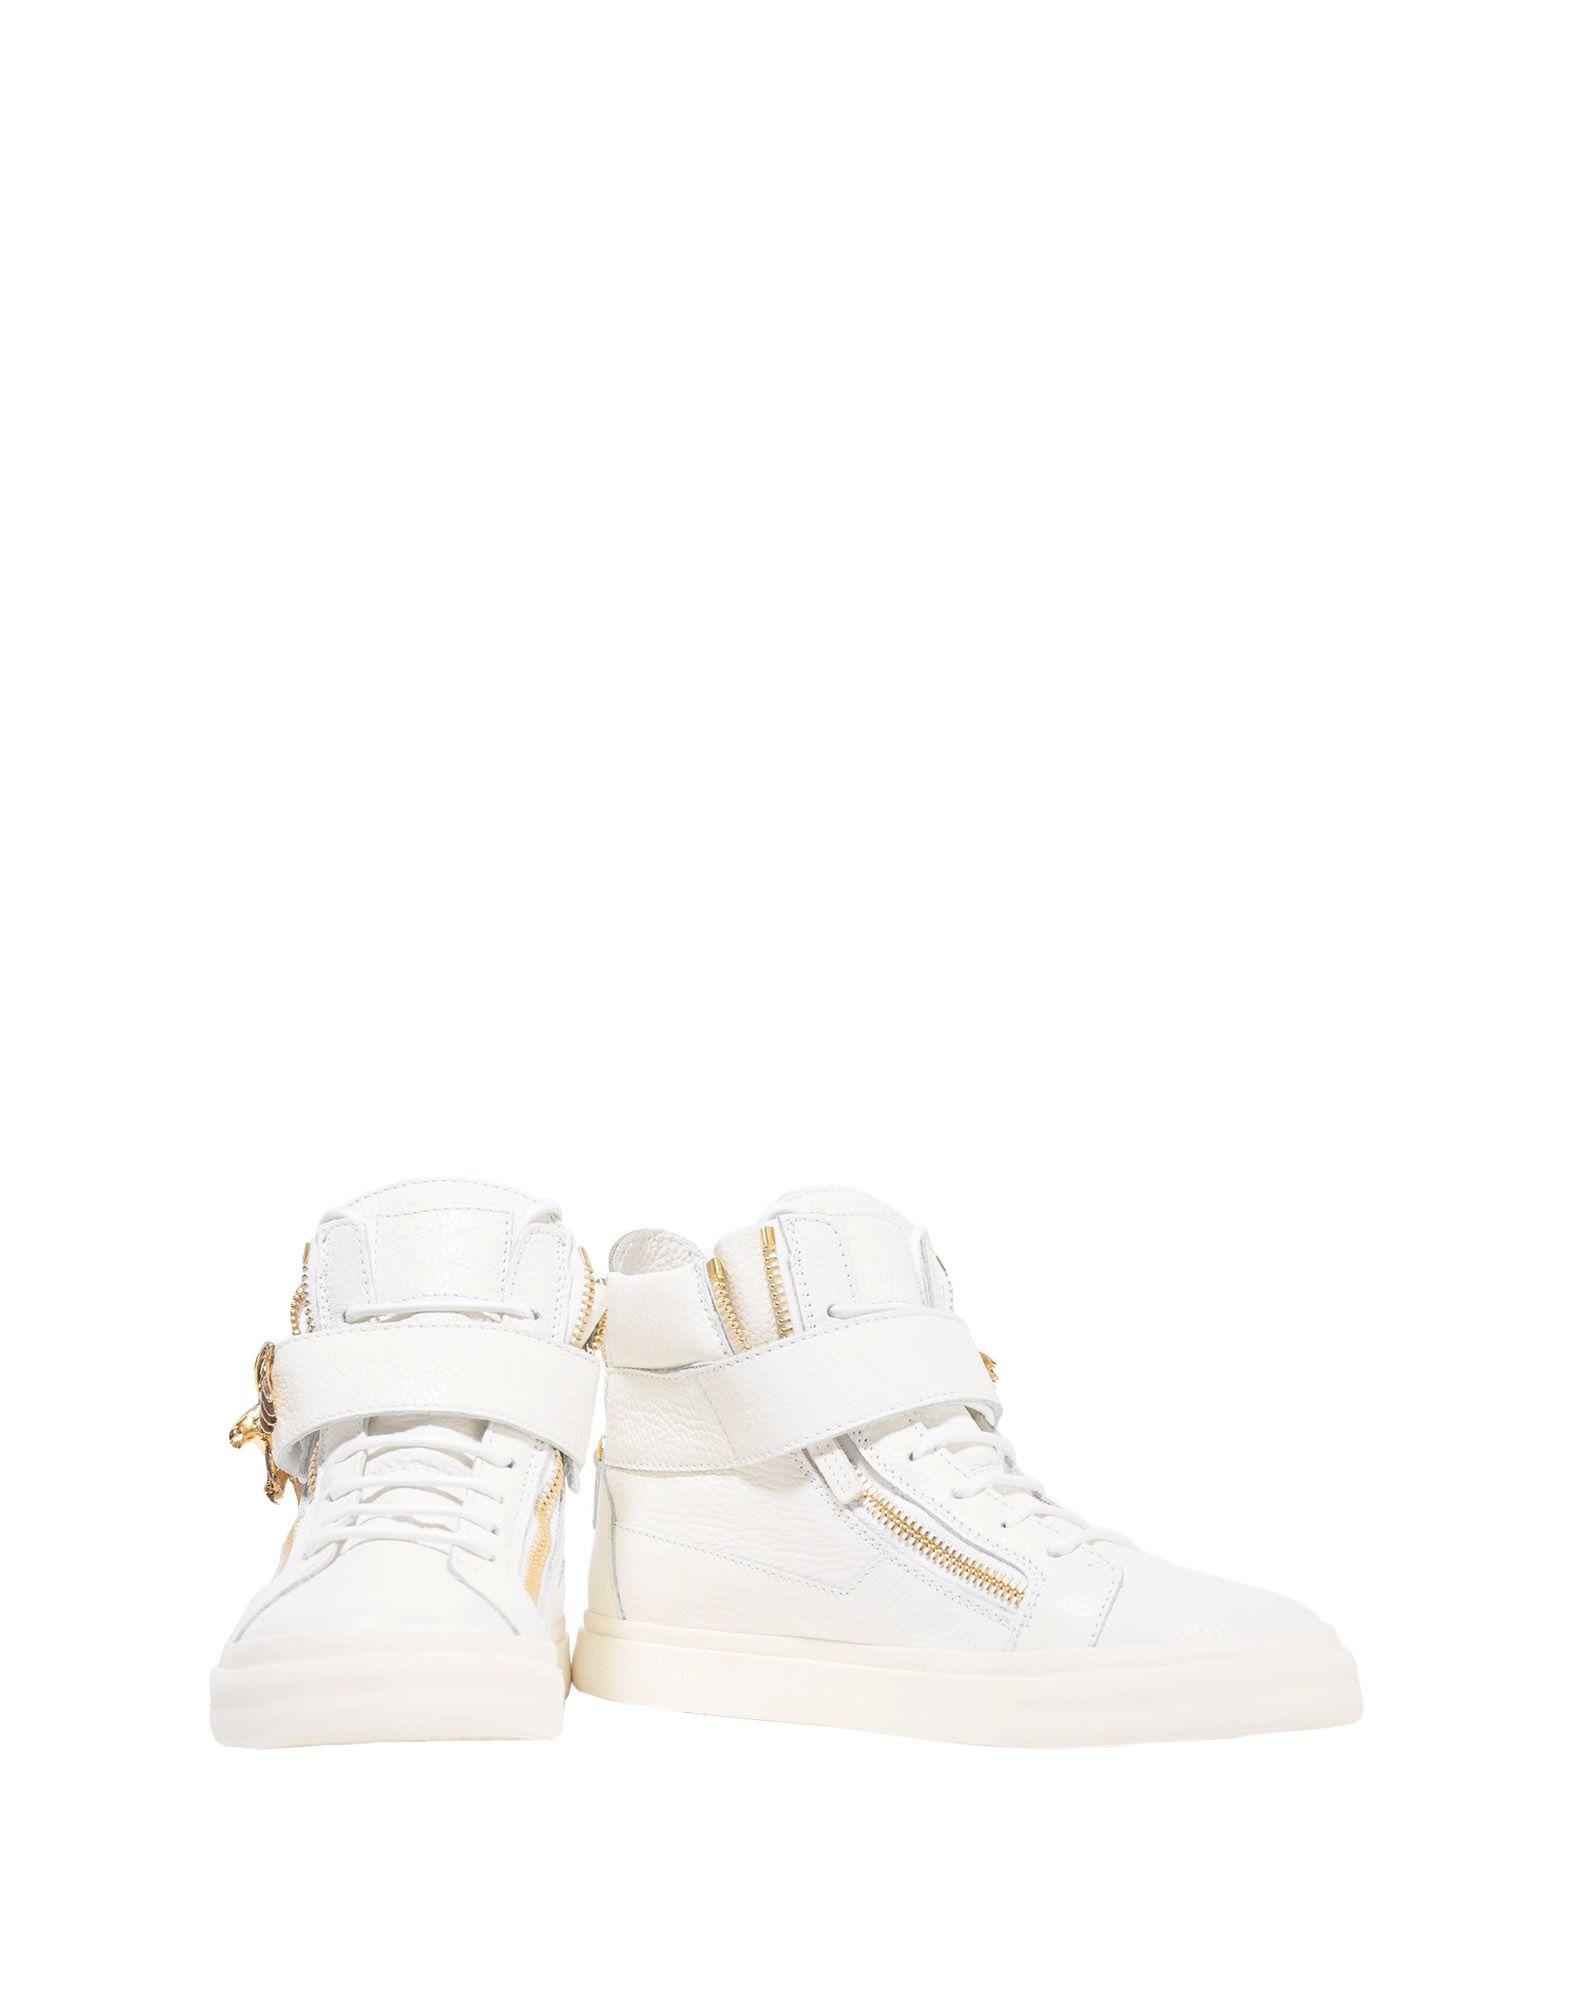 Giuseppe Zanotti Sneakers - Women Giuseppe Zanotti Sneakers - online on  Canada - Sneakers 11351948RV 387766